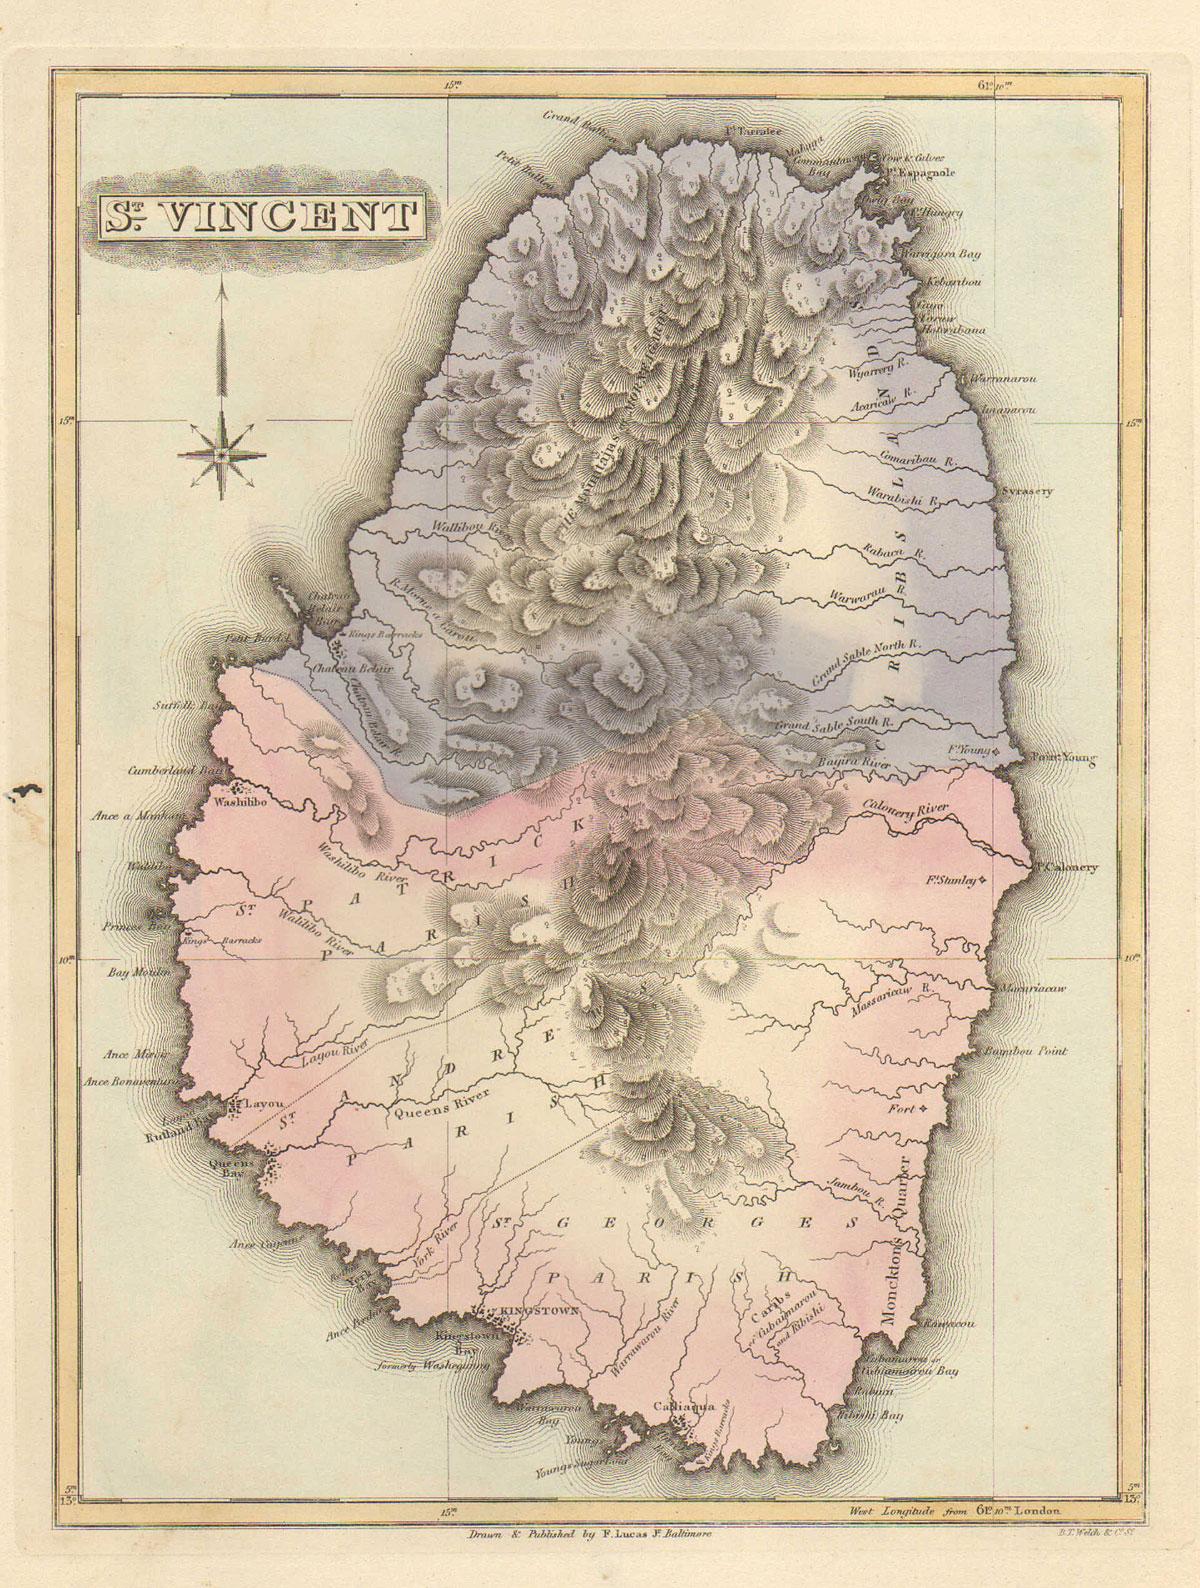 St Vincent Maps Prints Photographs Ephemera